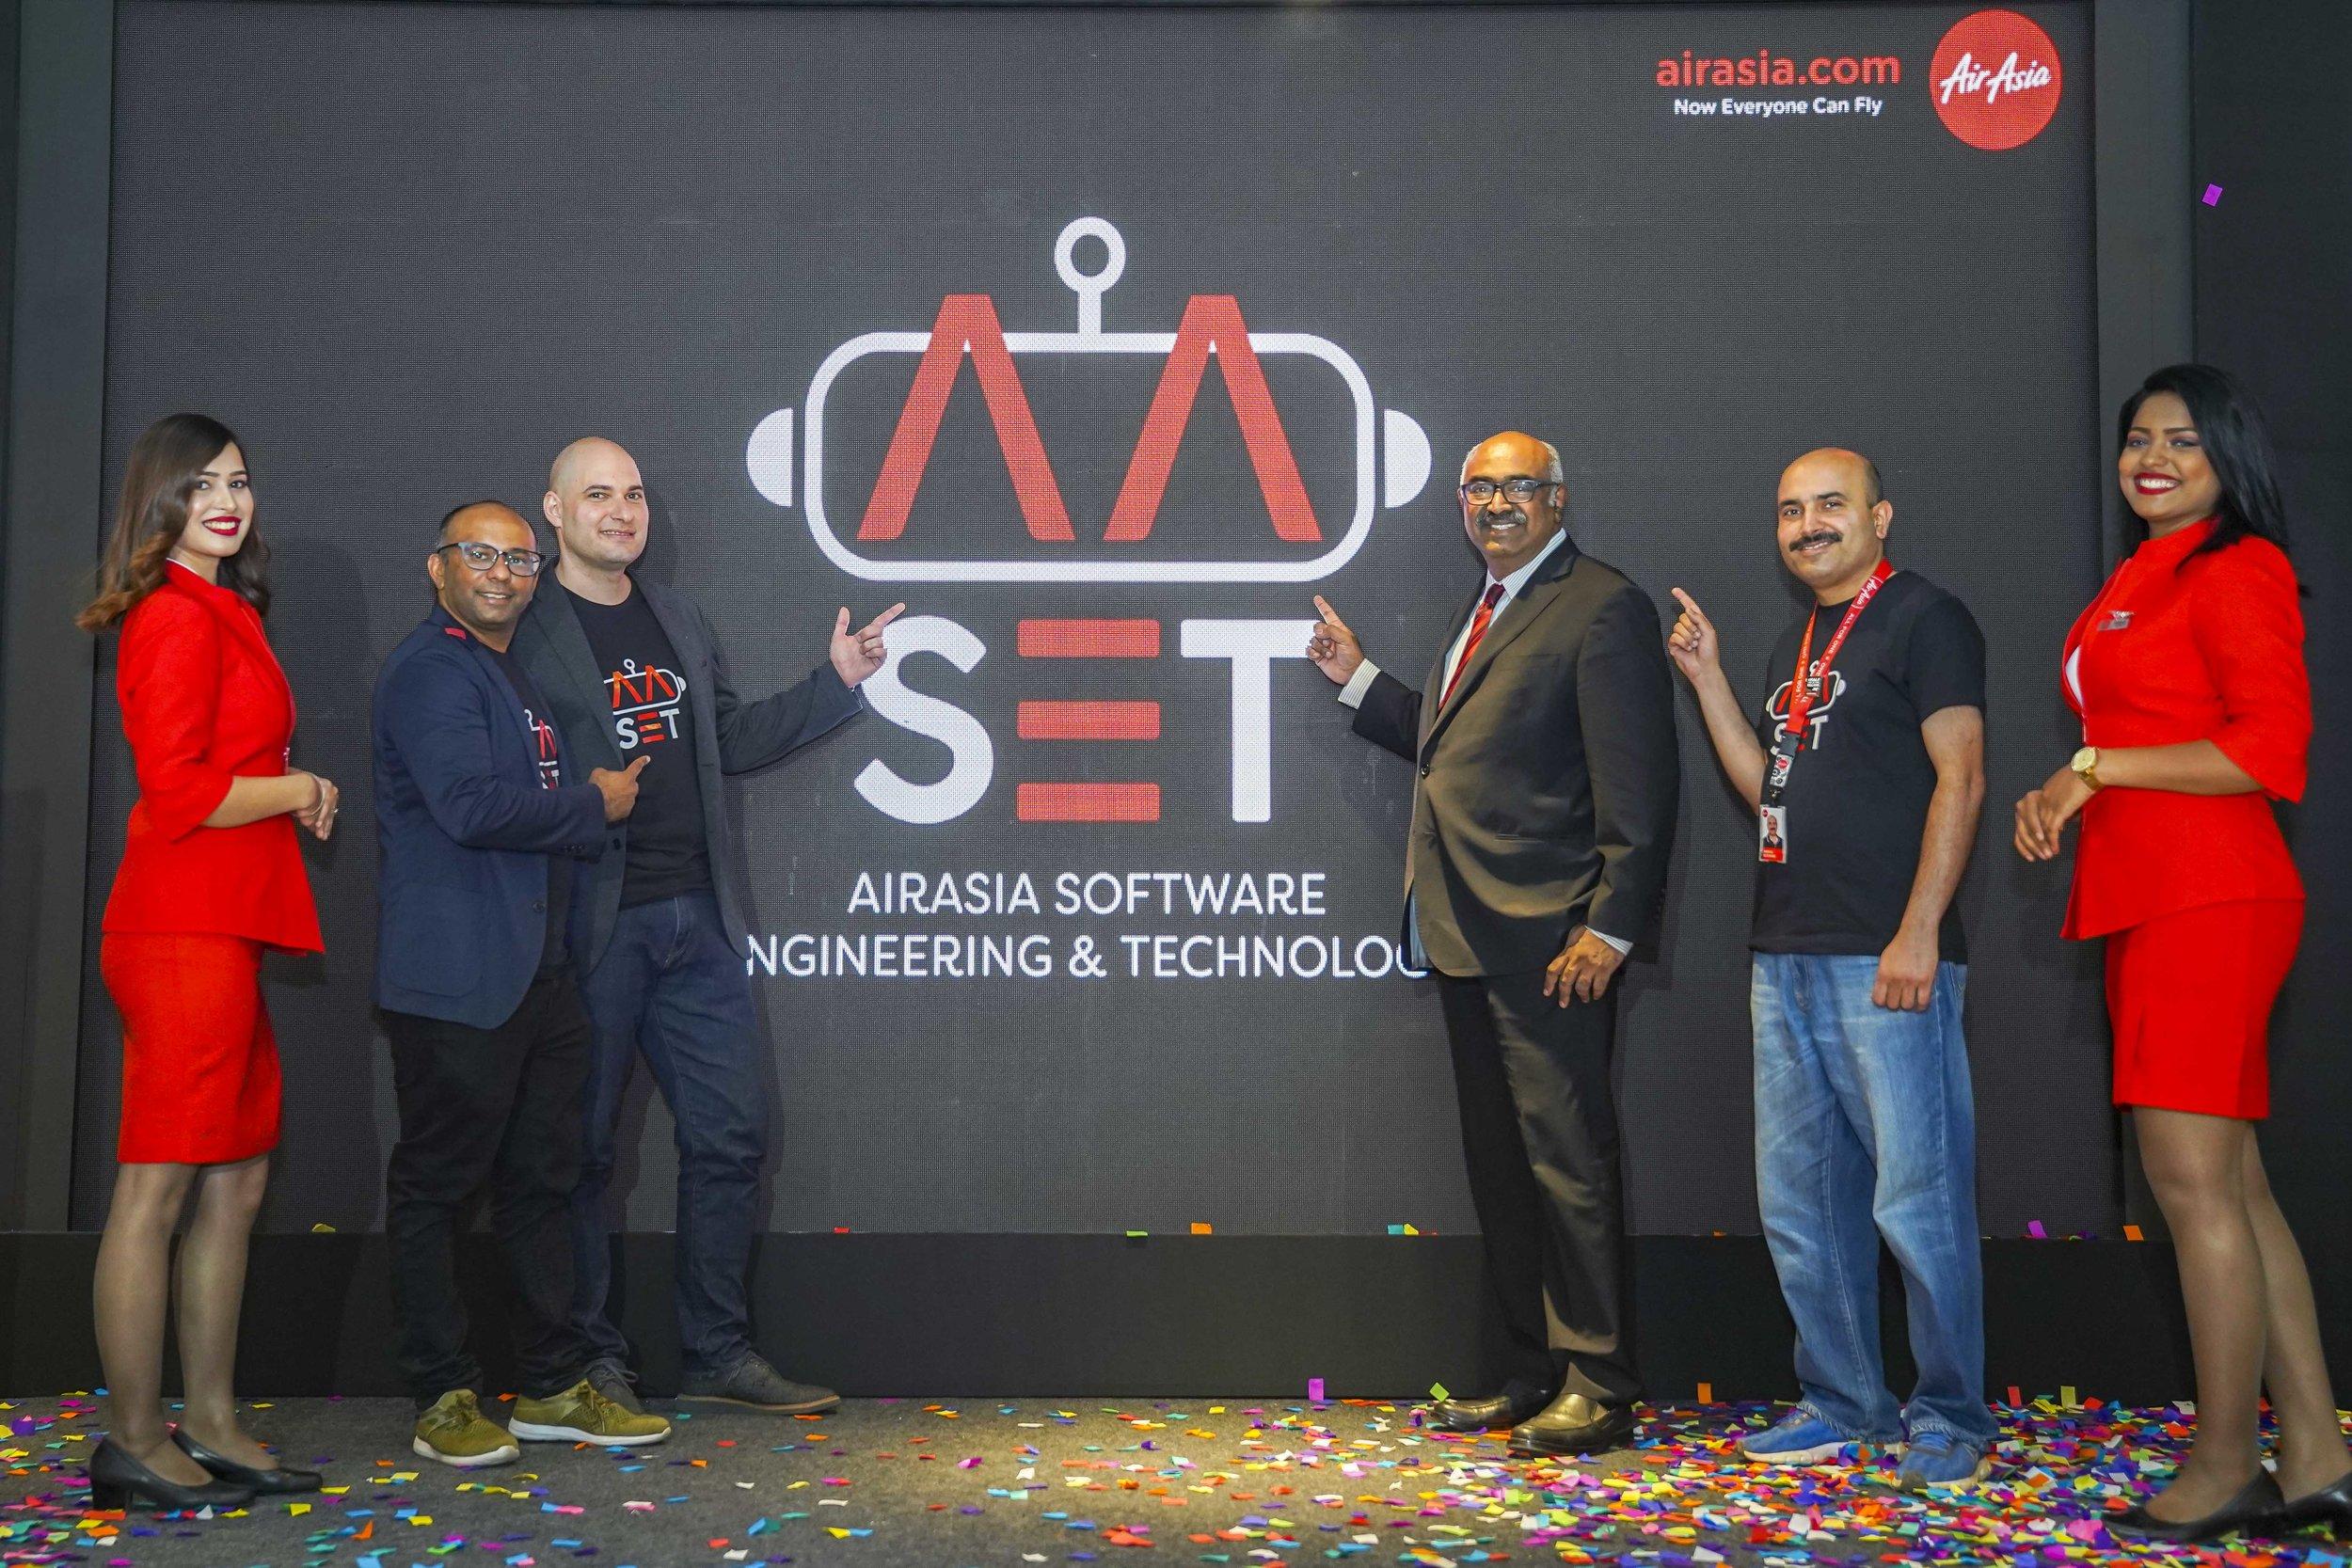 Photo Caption: (左二)亚航首席产品官亚航Nikunj Shanti、亚航集团AASET领队Elias Vafiadis、印度亚航常务董事兼首席执行员Sunil Bhaskaran、亚航软件工程主管Anshul Goswami今日于班加罗尔为亚航科技中心主持开幕。